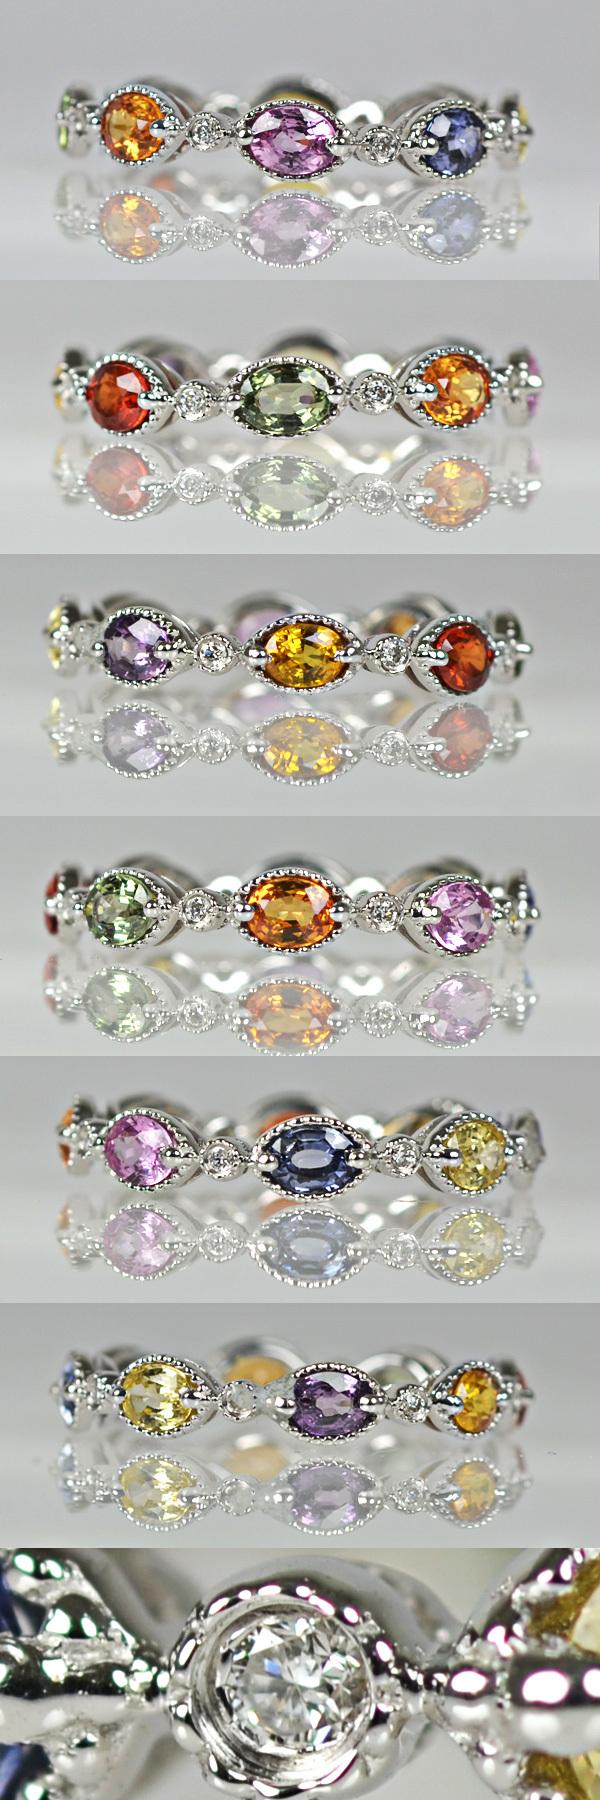 K18WG製カラーサファイア・ダイアモンドフルエタニティリング指輪